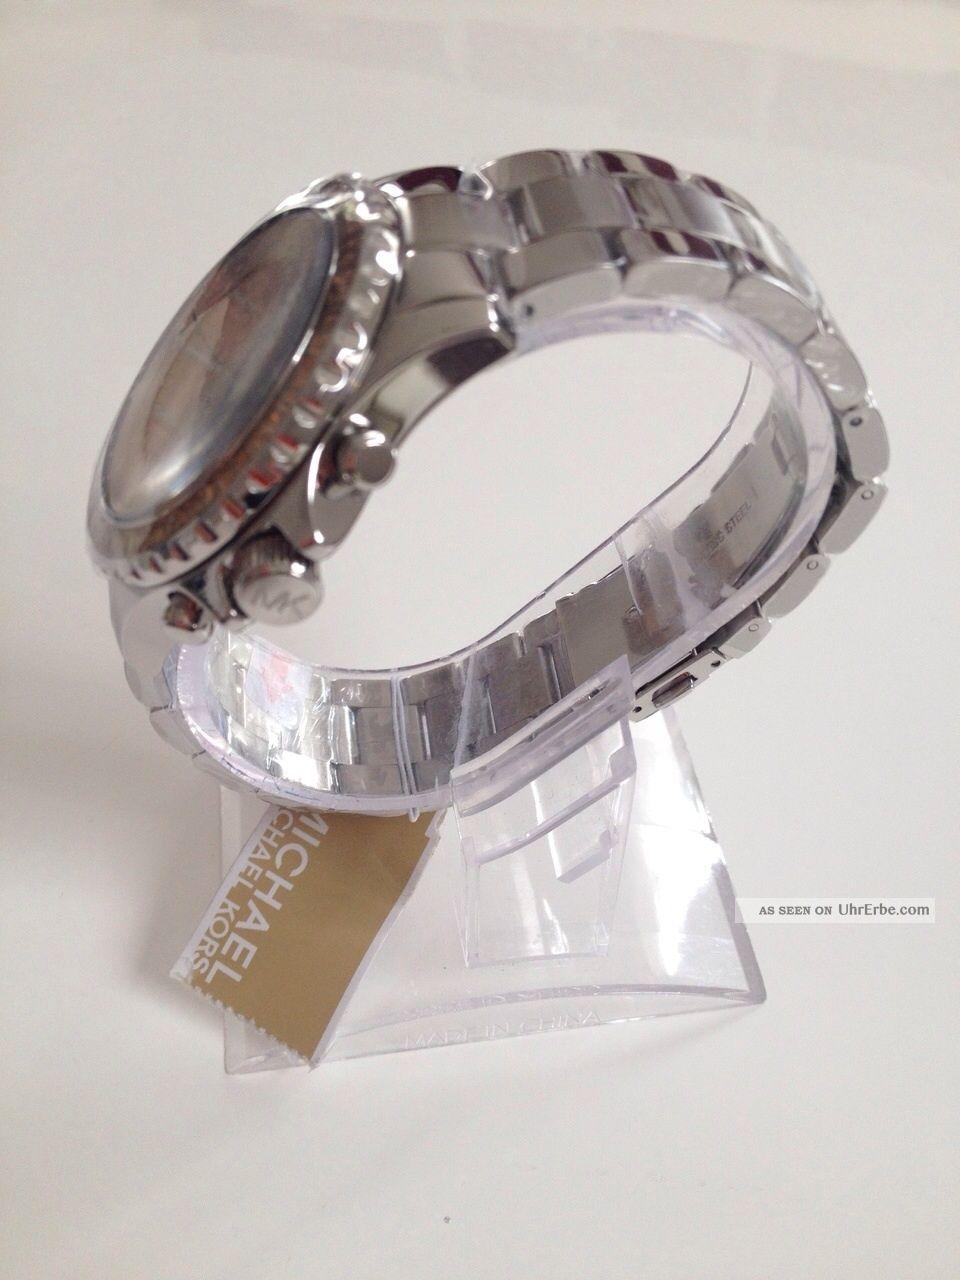 Michael Kors Mk5870 Damenuhr Silber Mit Steinen Und Rosegold